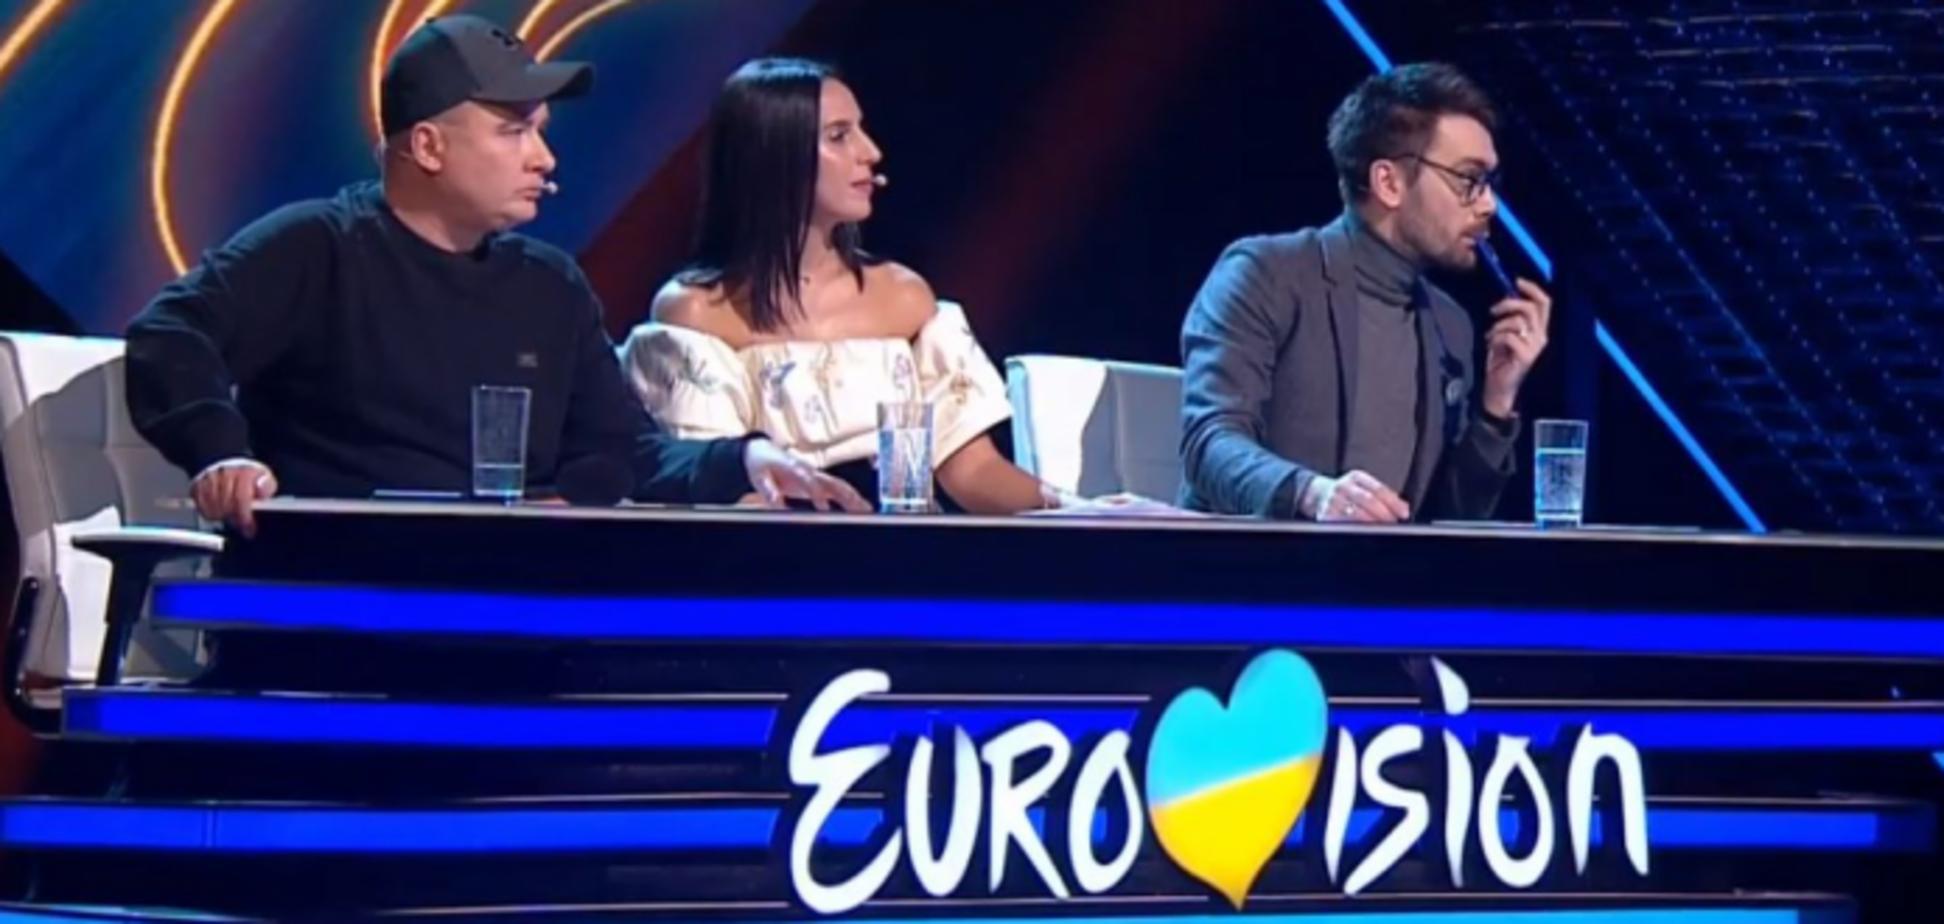 Суддю Нацвідбору Євробачення зловили з концертом у Росії: опубліковані фото і відео